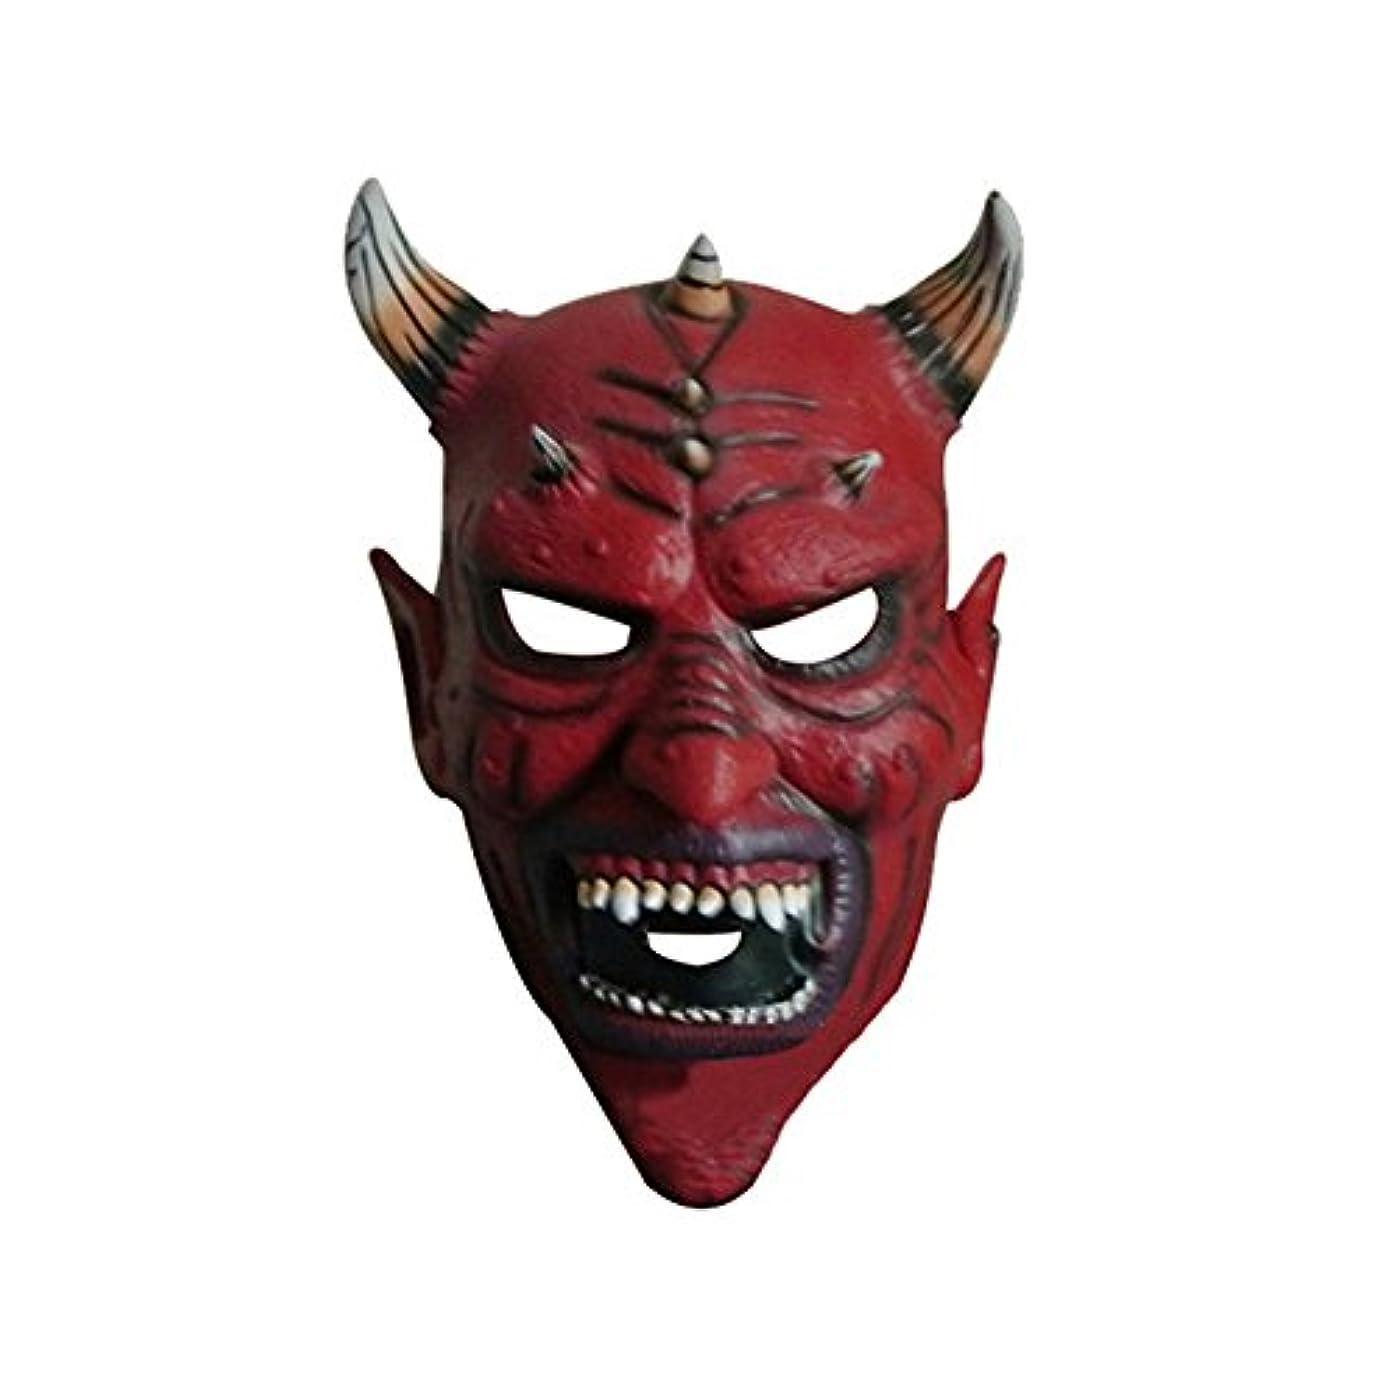 神社原始的なチラチラするハロウィーンデビルカーニバルナイトパーティーホーンヘッドマスク